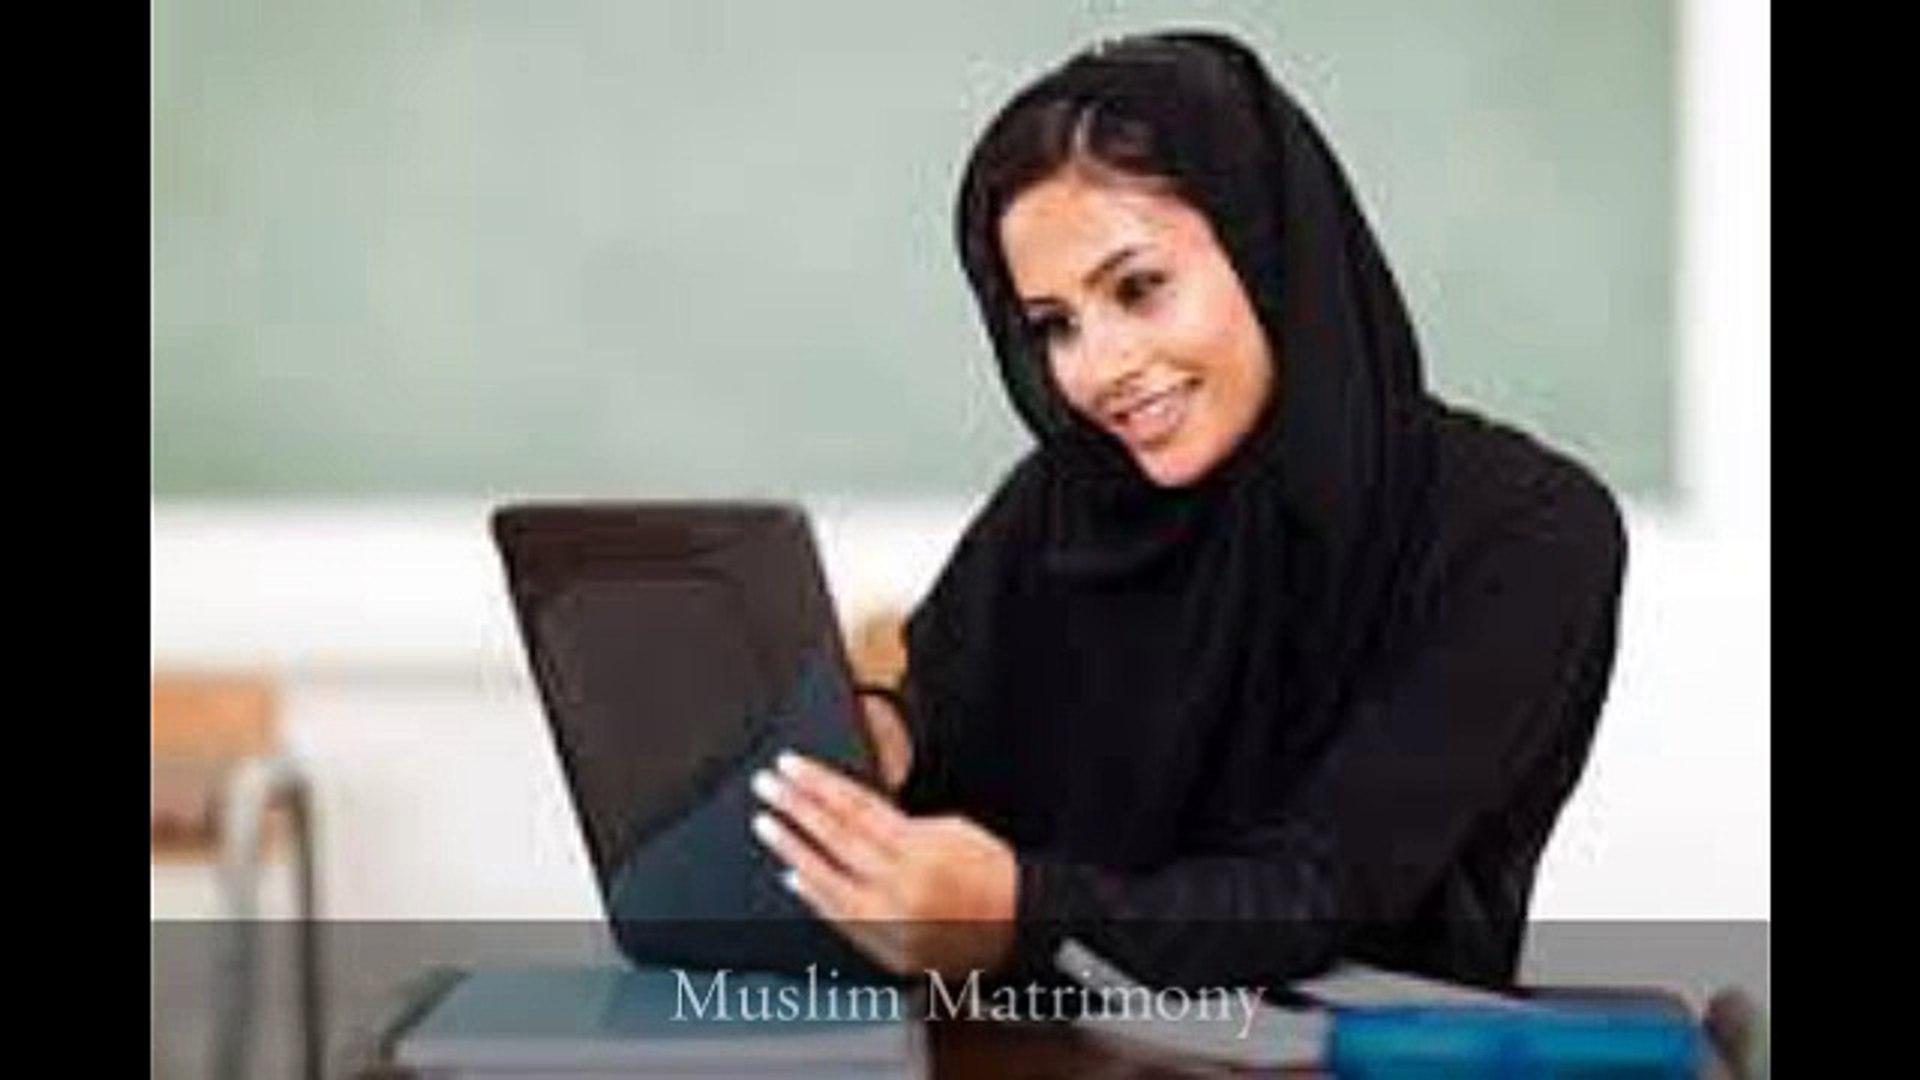 Www muslimmatrimony com  MuslimMatrimony Mobile  2019-08-10